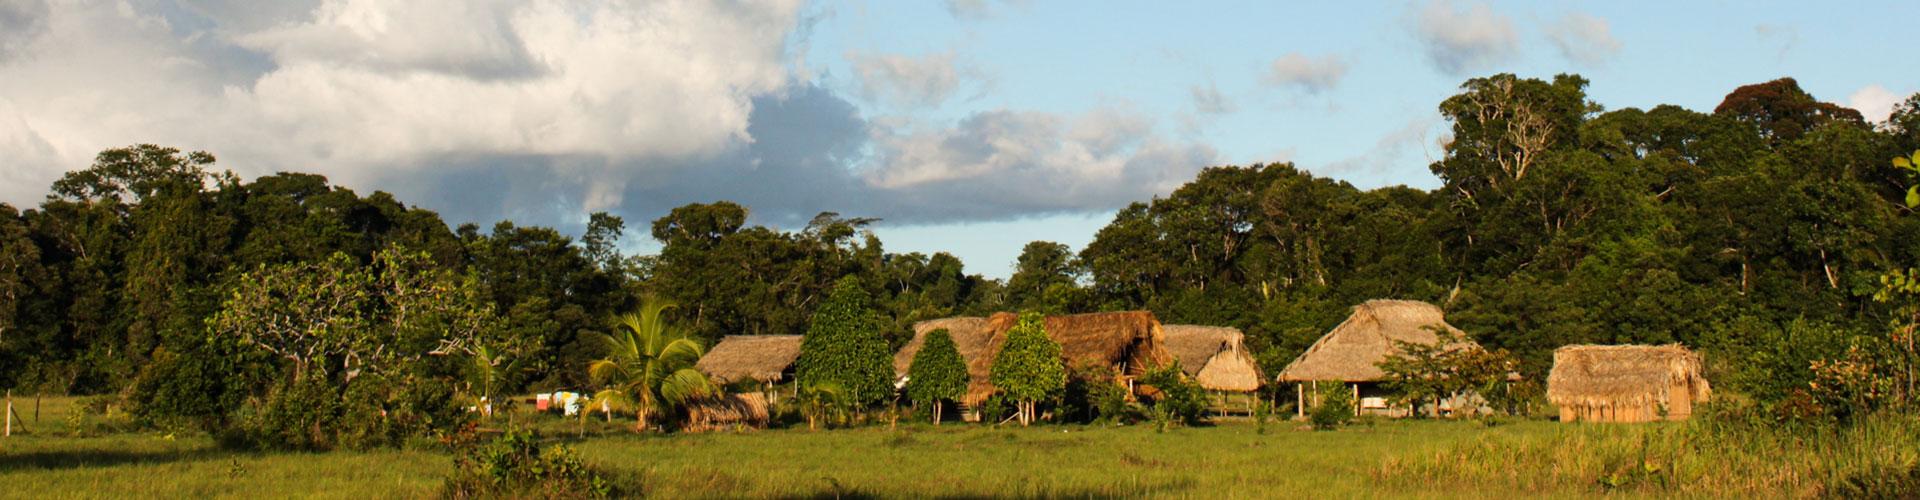 Foto: Dorf mit Strohdächern in Waldlandschaft